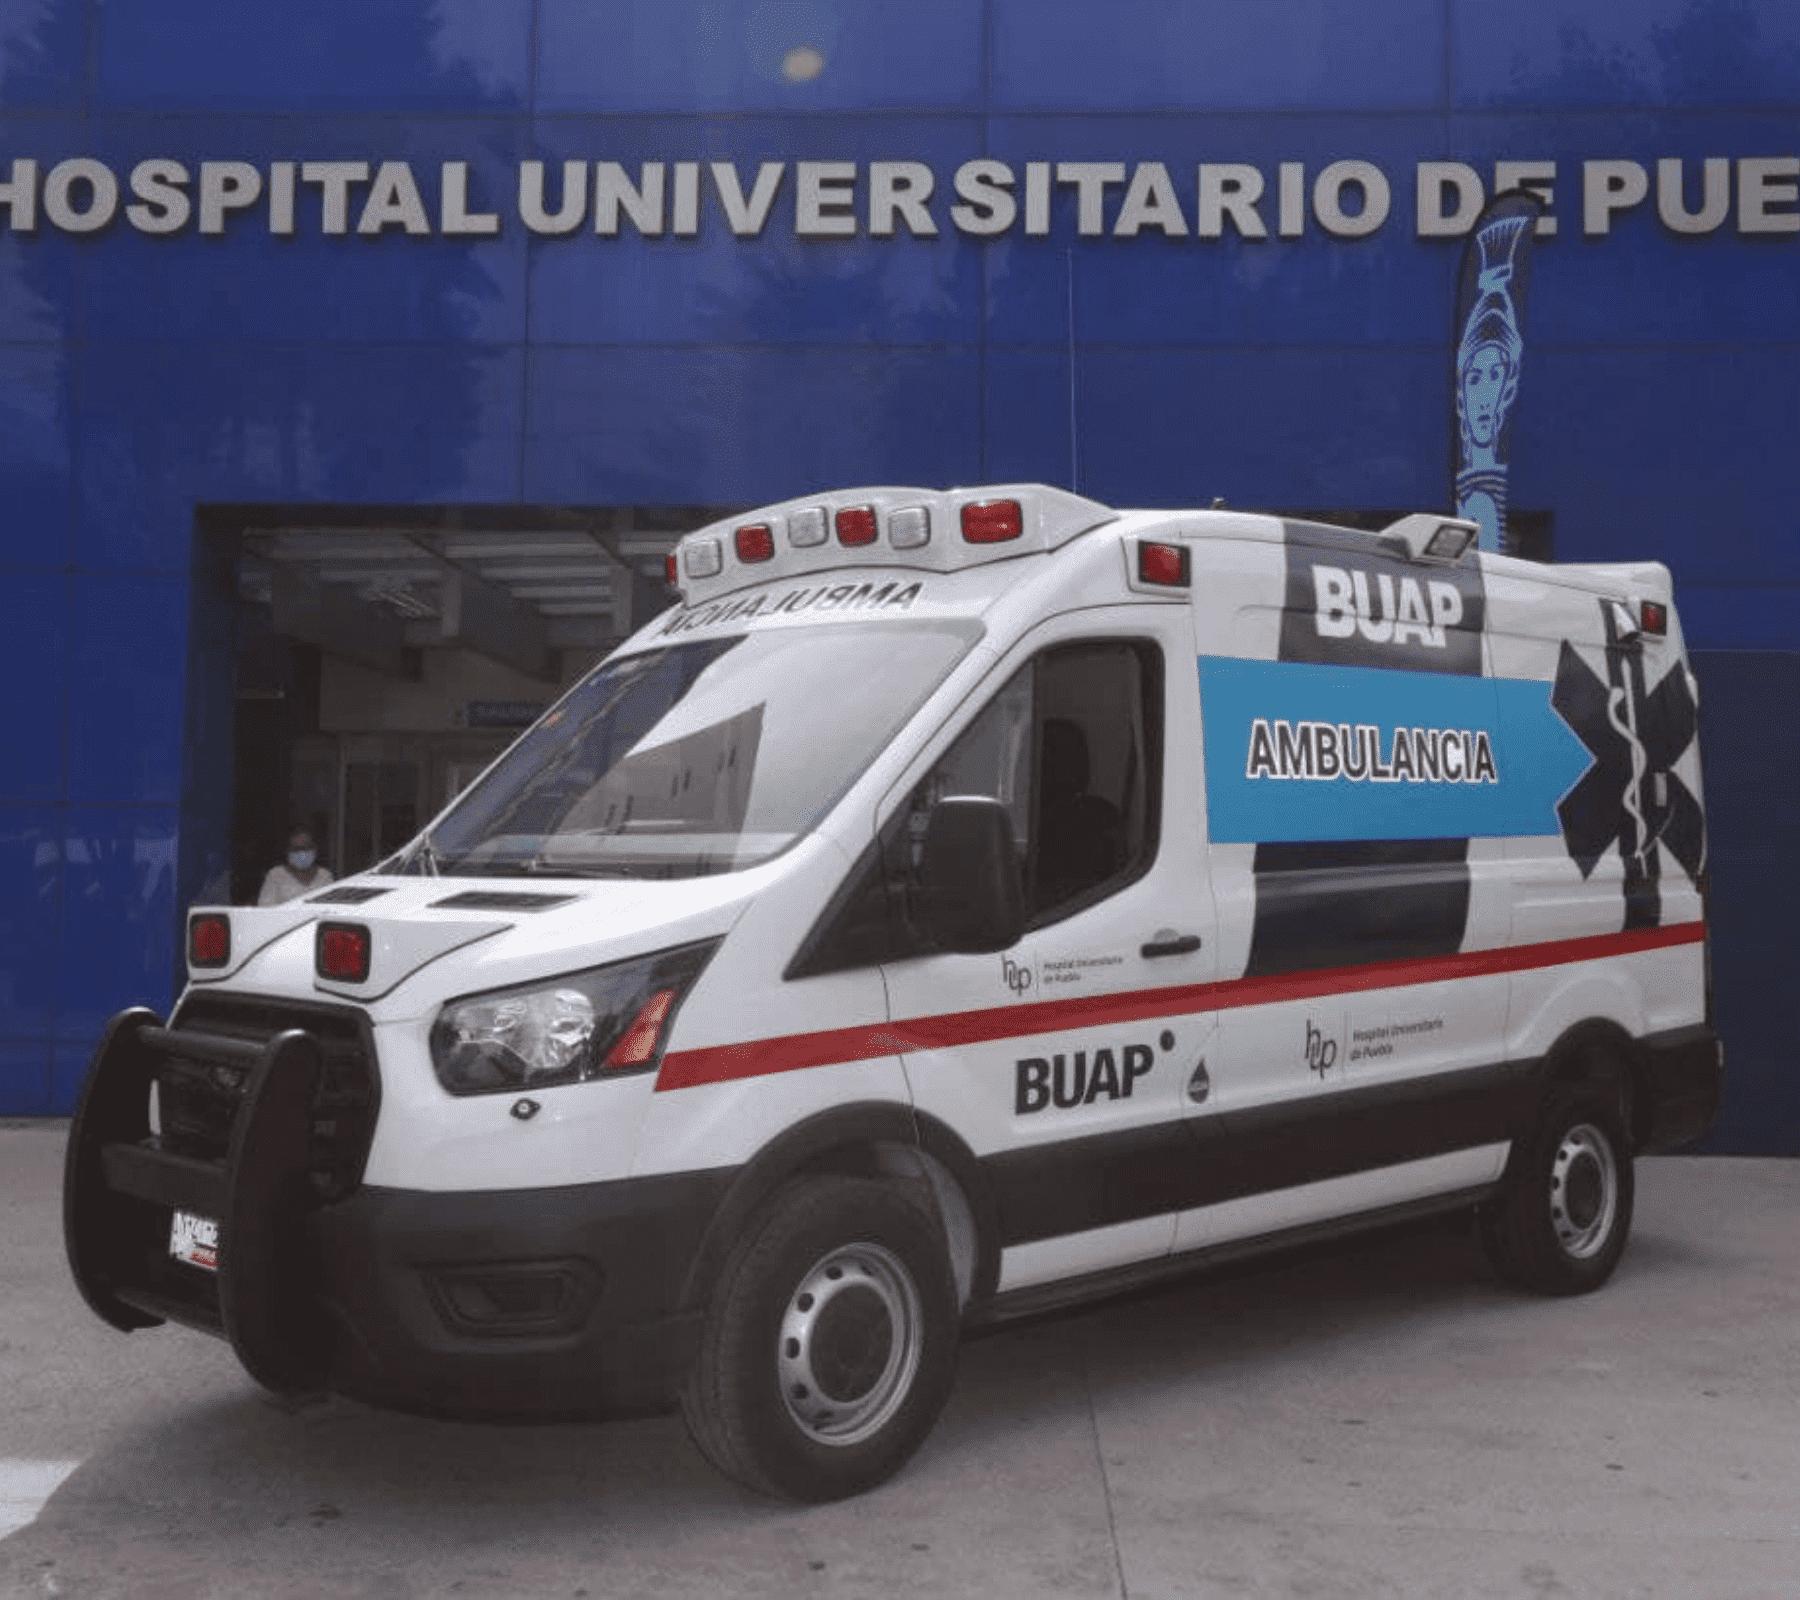 Fotografía de la ambulancia donada a la buap.